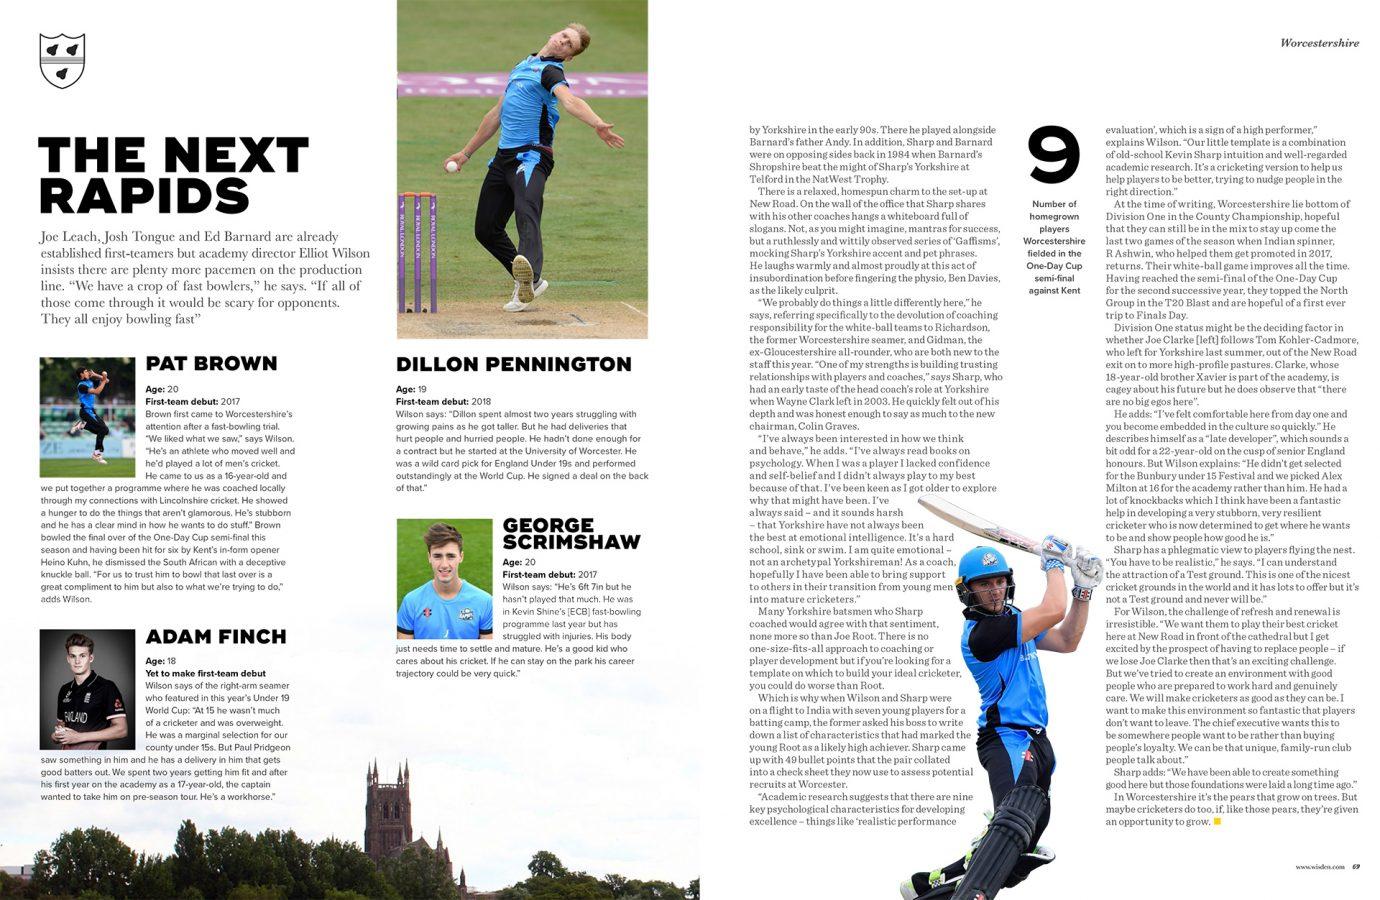 Stern Words - Wisden Cricket Monthly